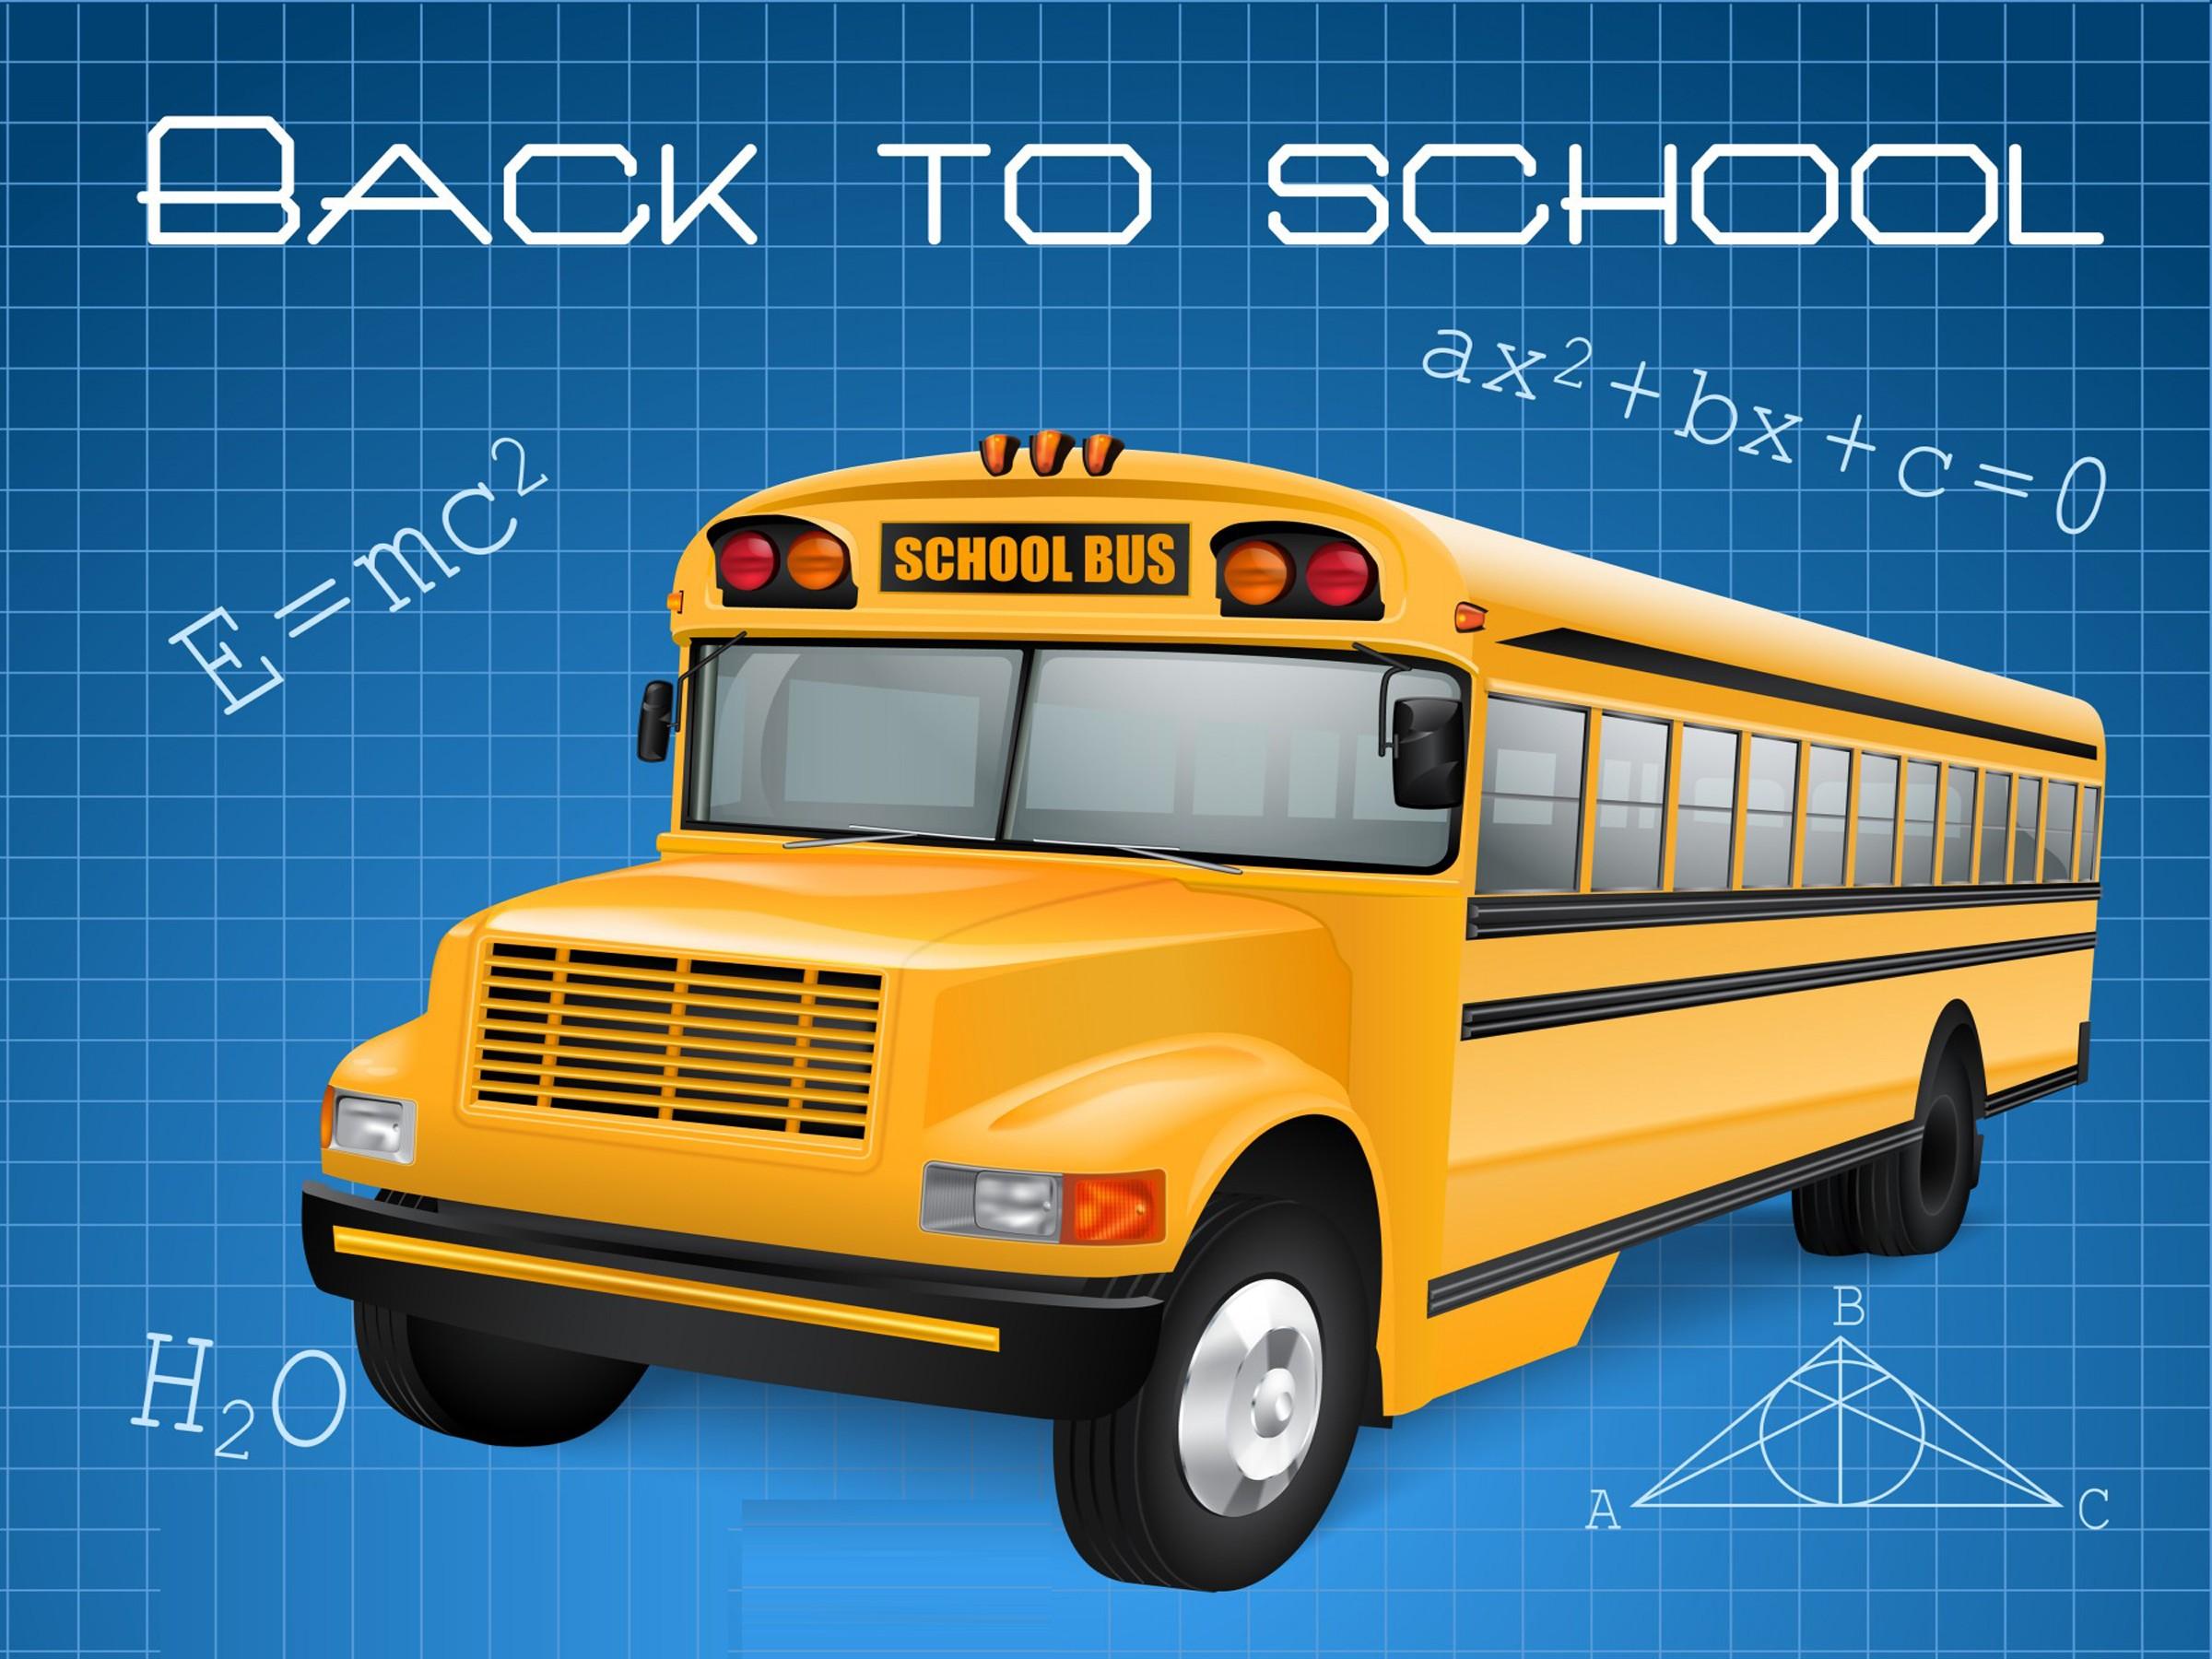 School Bus Wallpaper 2400x1800